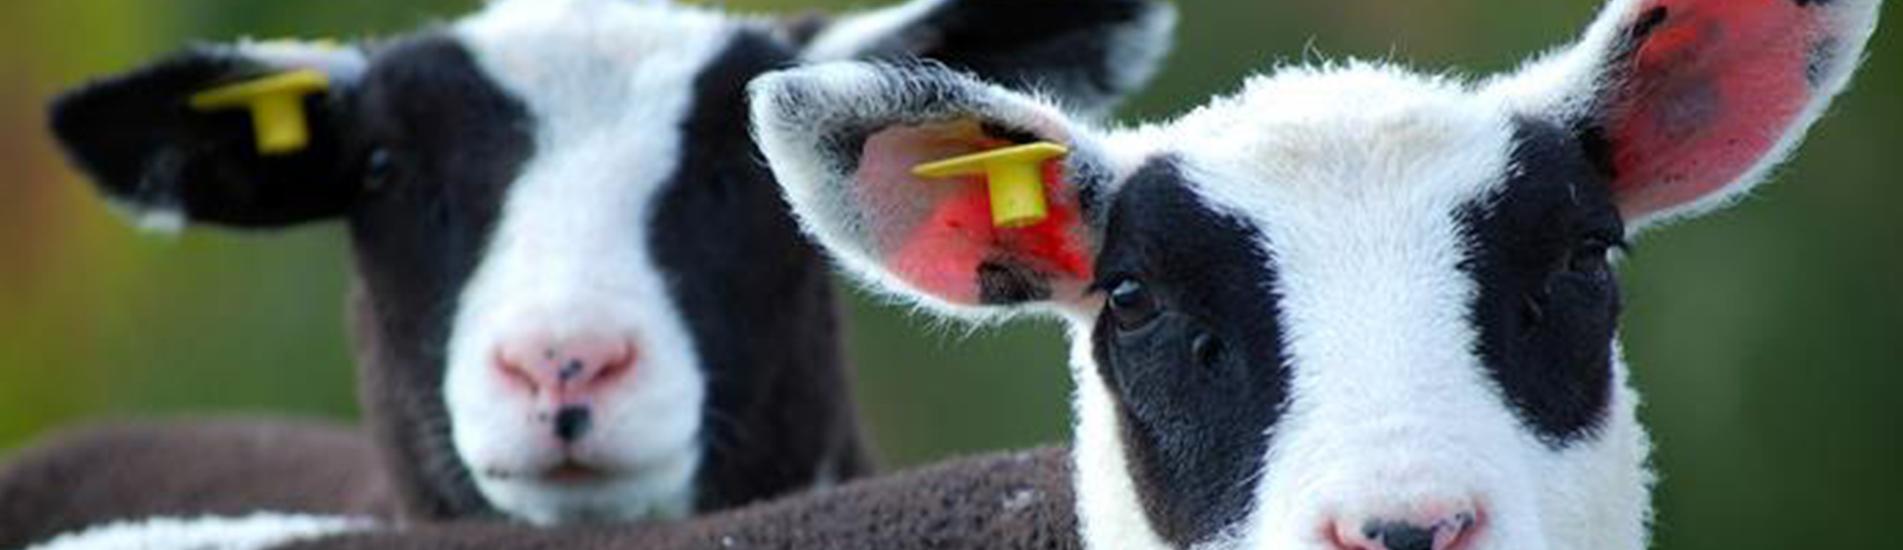 rfid animal tag